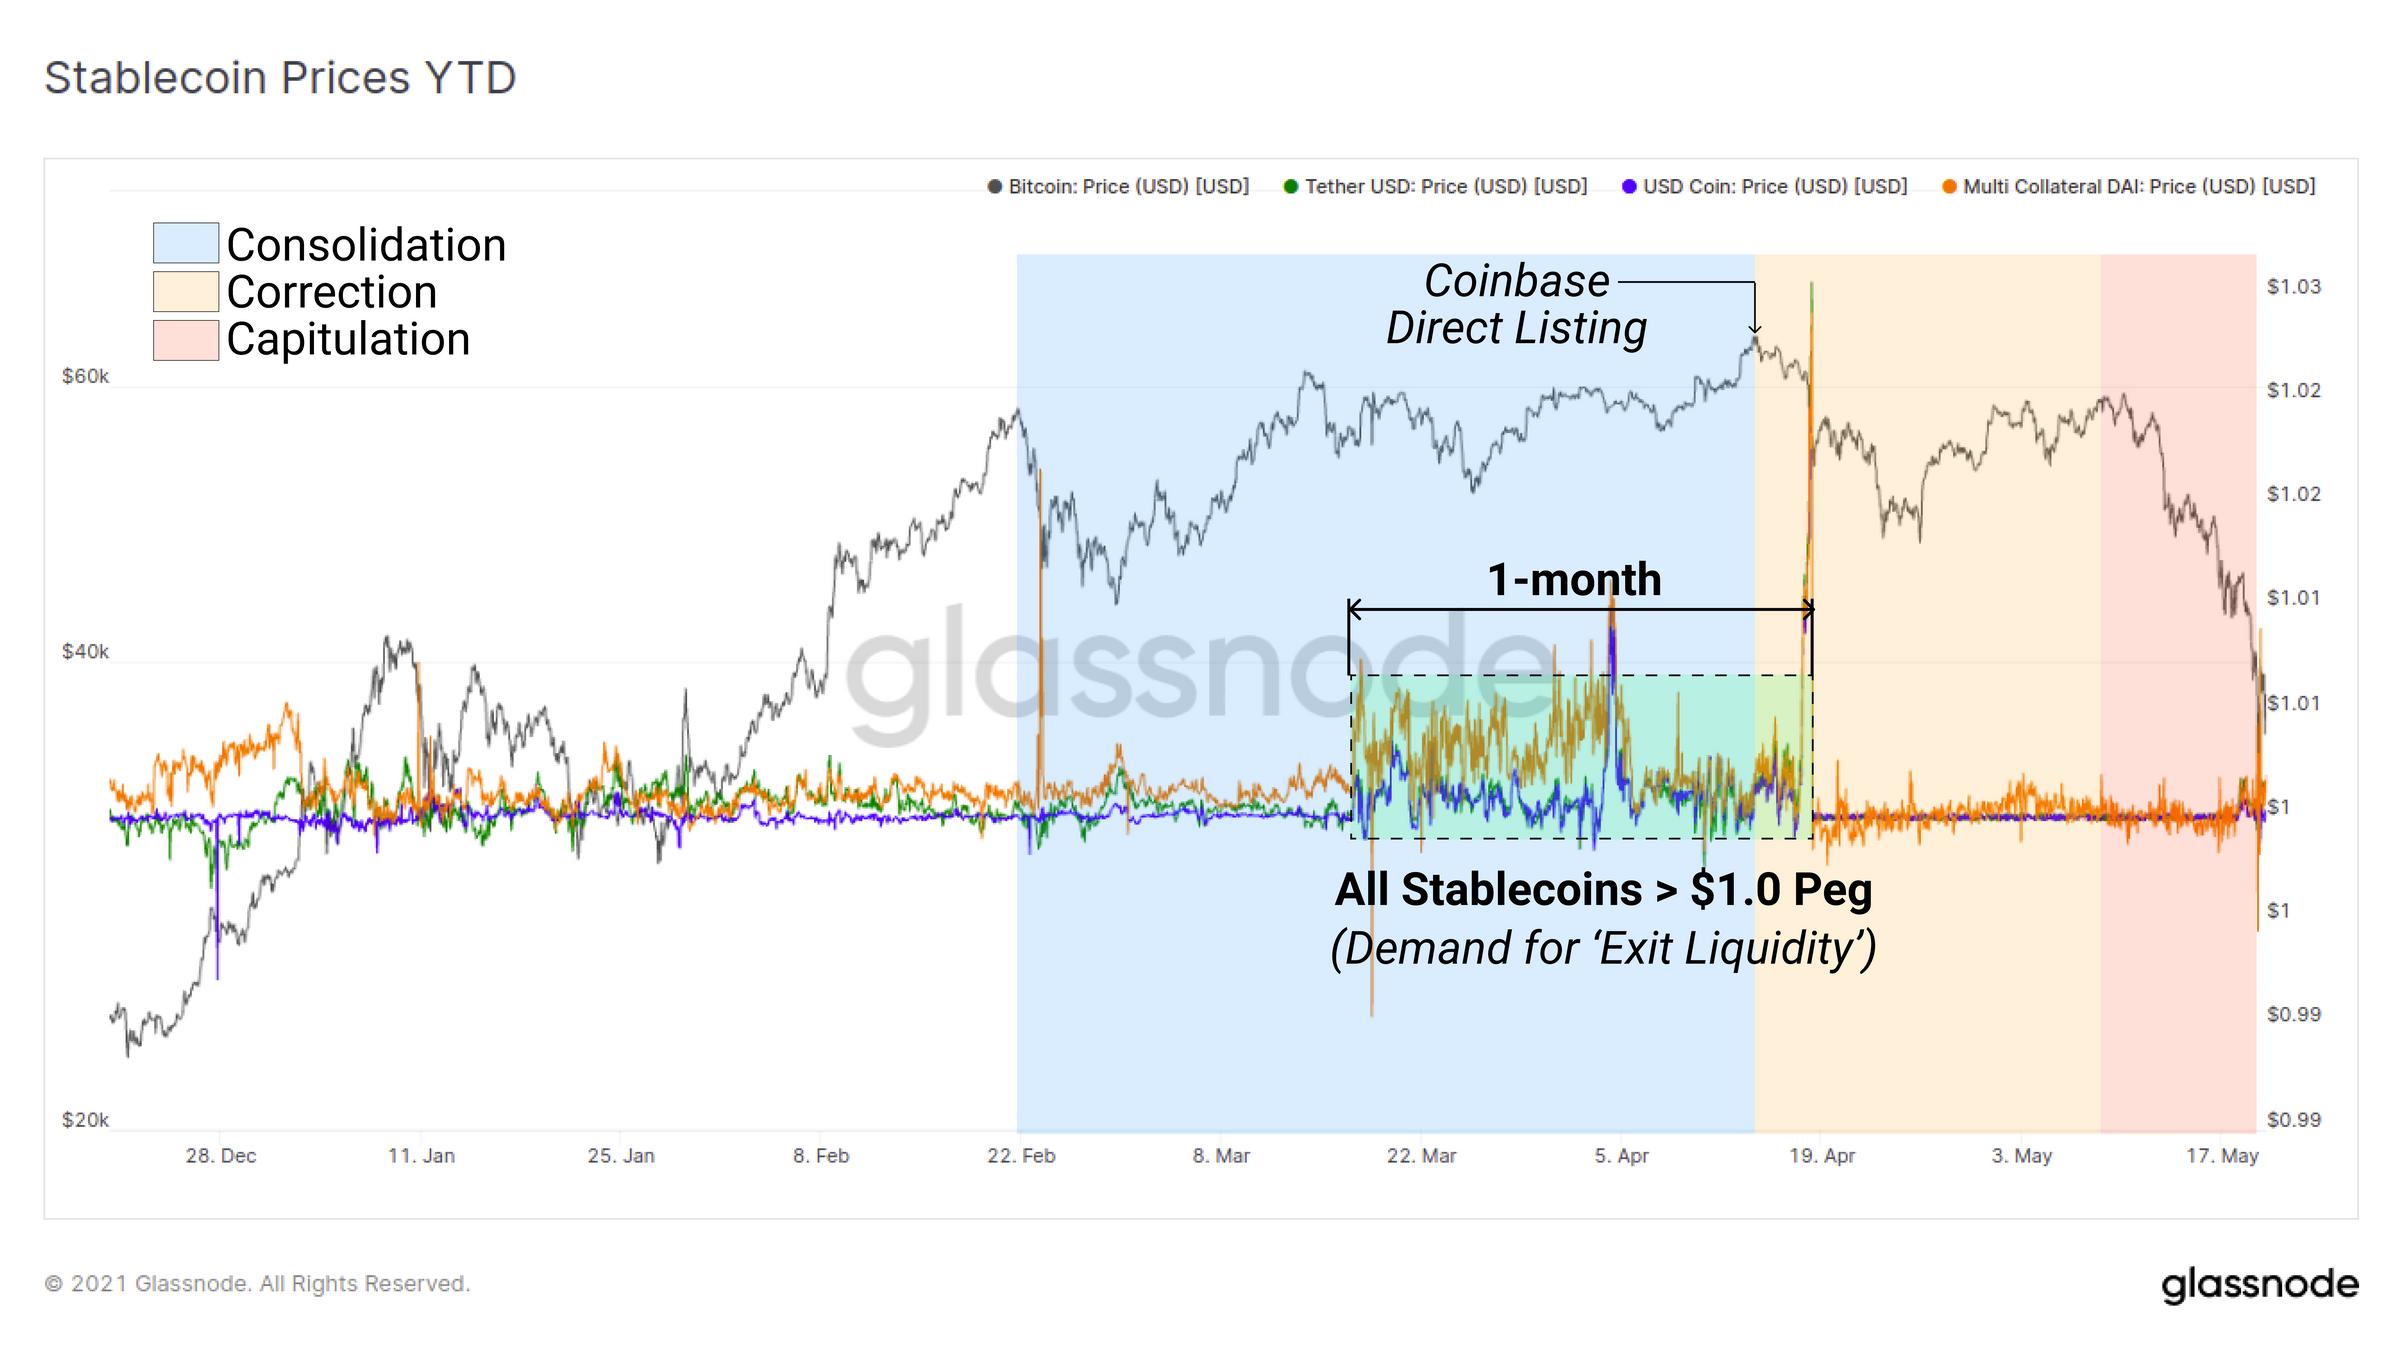 稳定币价格实时图表